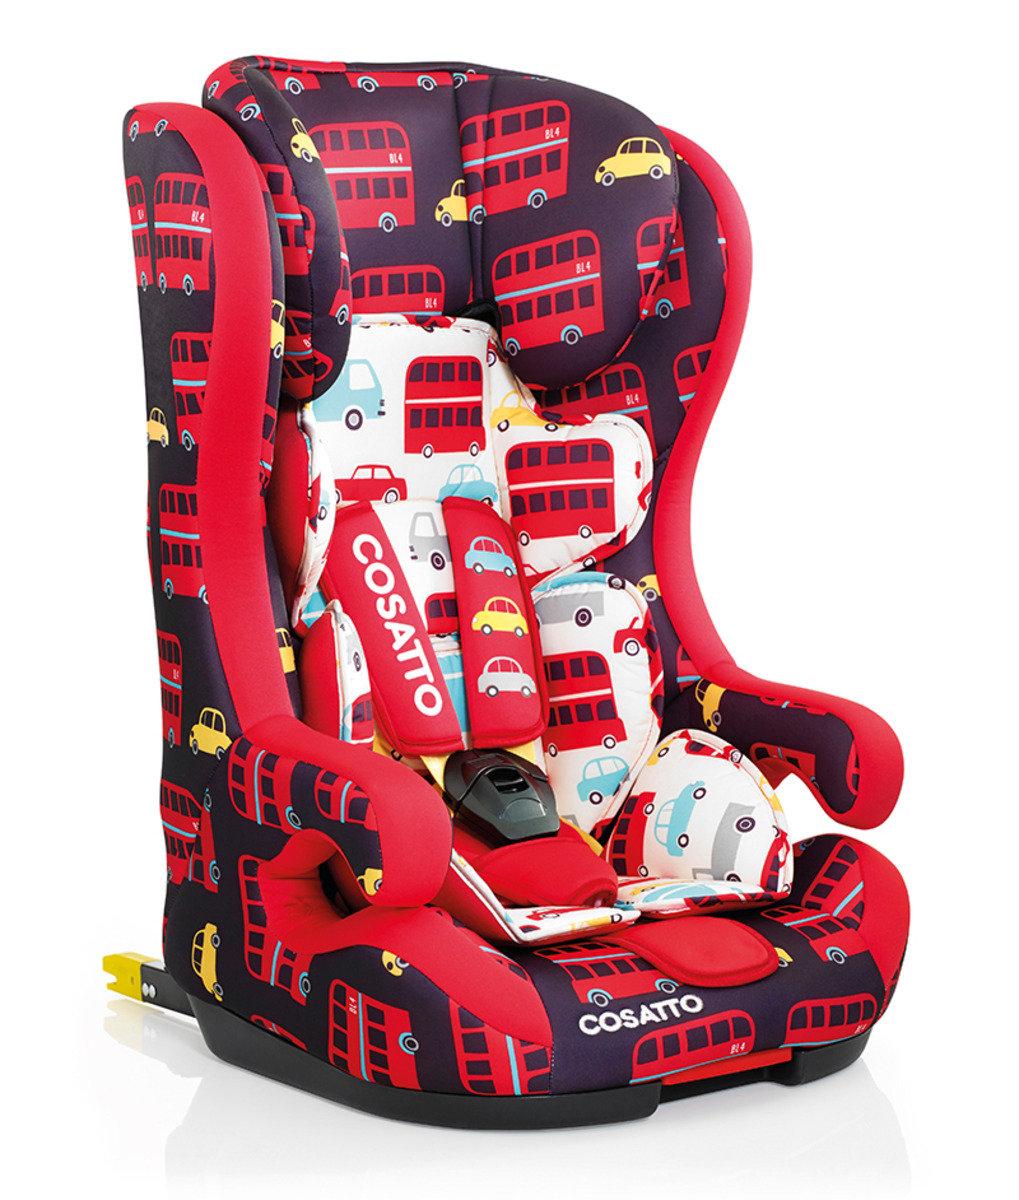 英國 Cosatto Hubbub Group 123 Isofix 汽車安全座椅 – Hustle Bustle